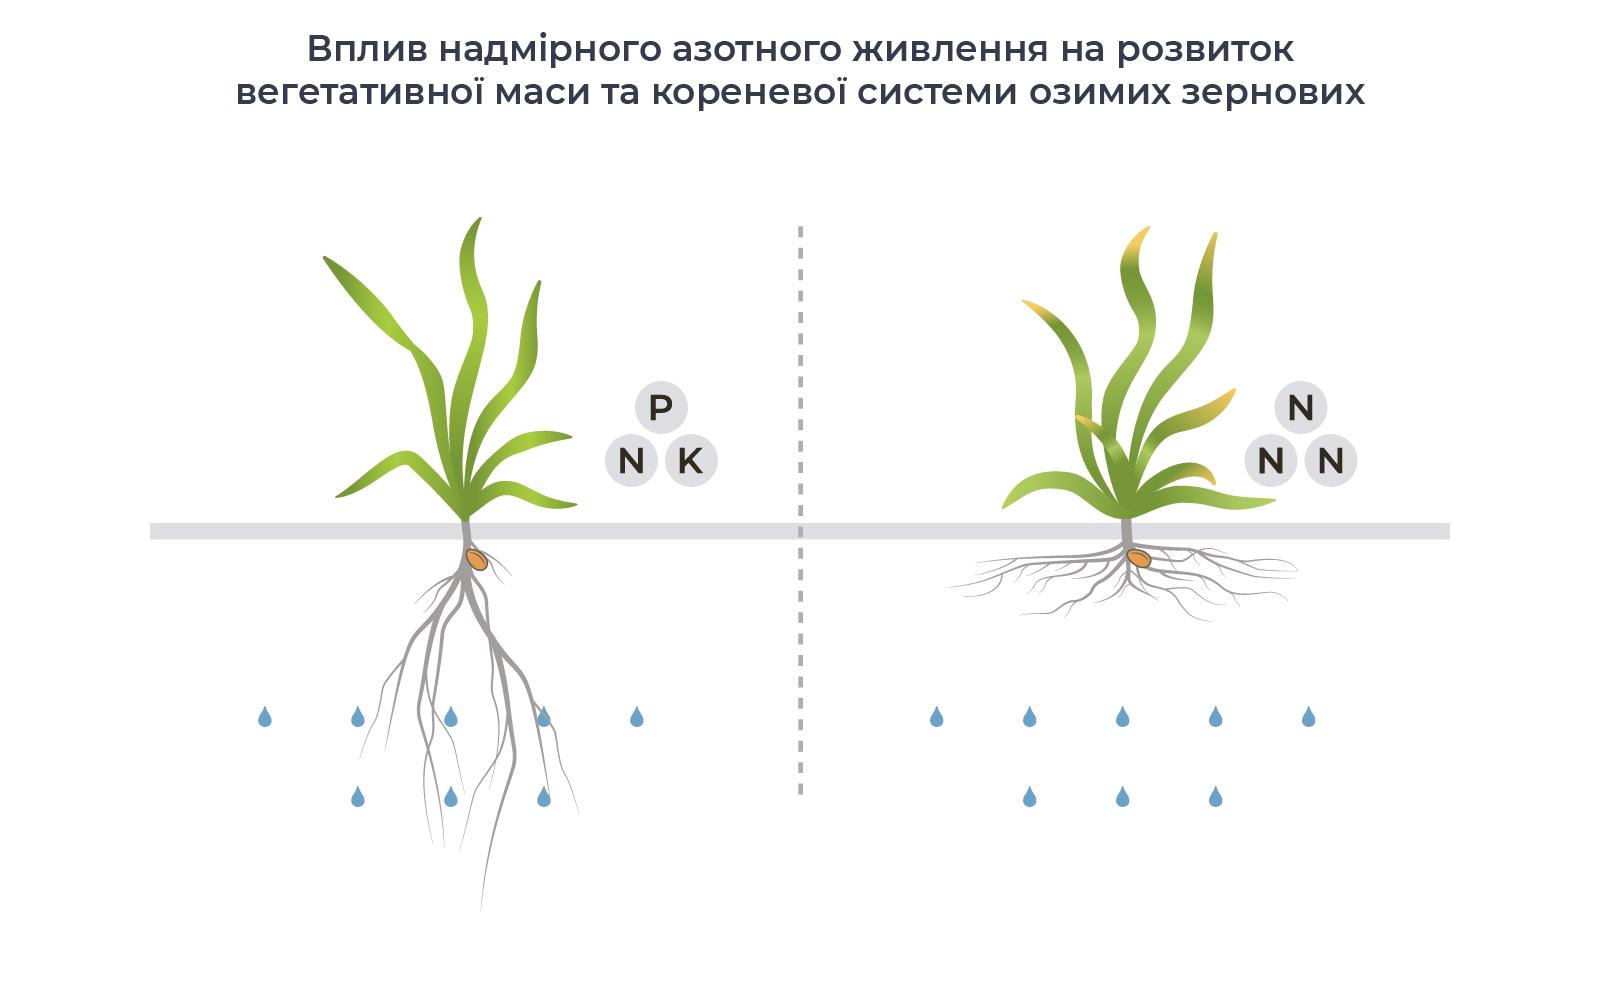 Вплив надмірного азотного живлення на розвиток вегетативної маси та кореневої системи озимих зернових